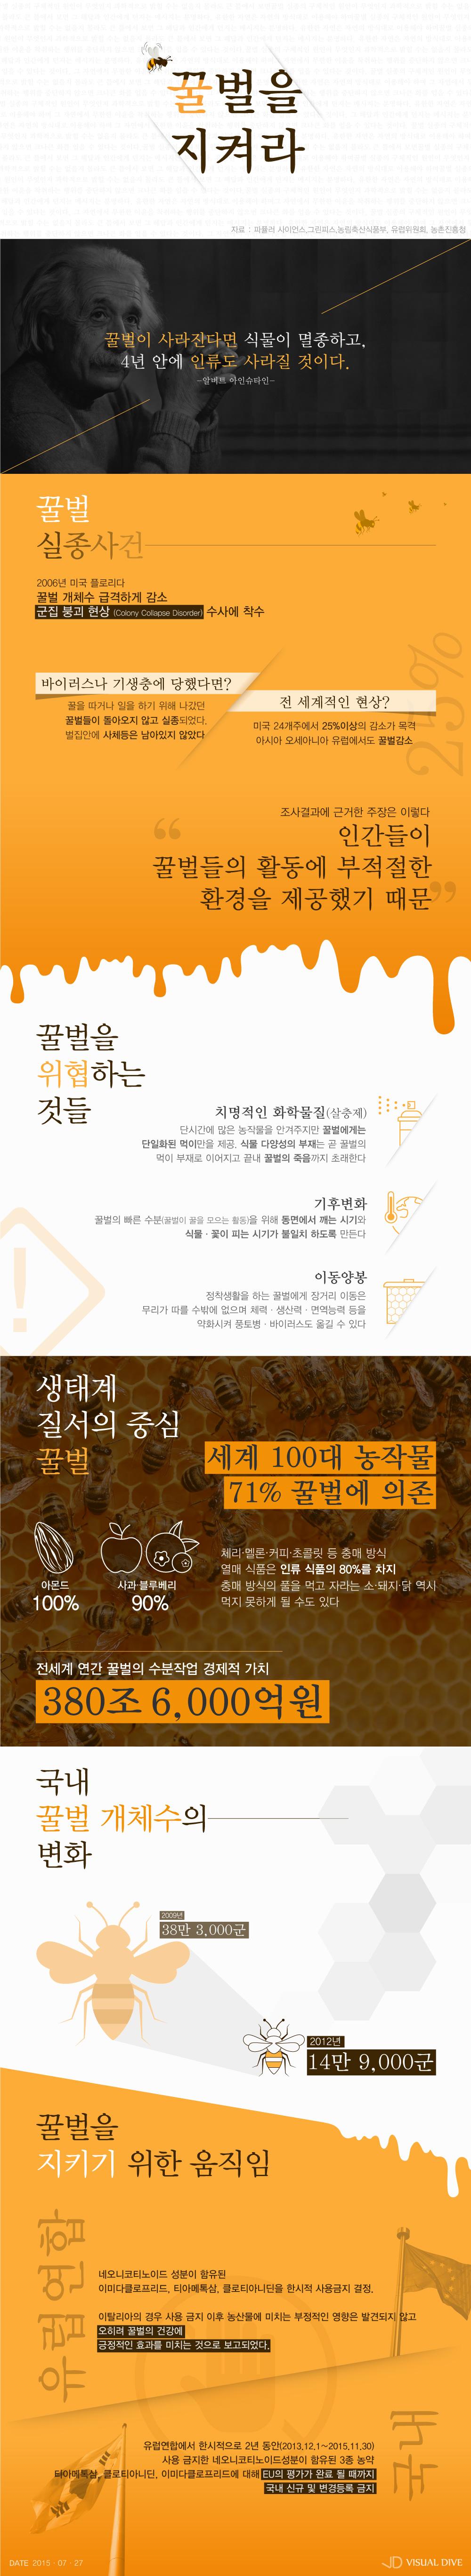 """꿀벌 없으면 4년 내 인류 멸망…""""꿀벌을 지켜라"""""""